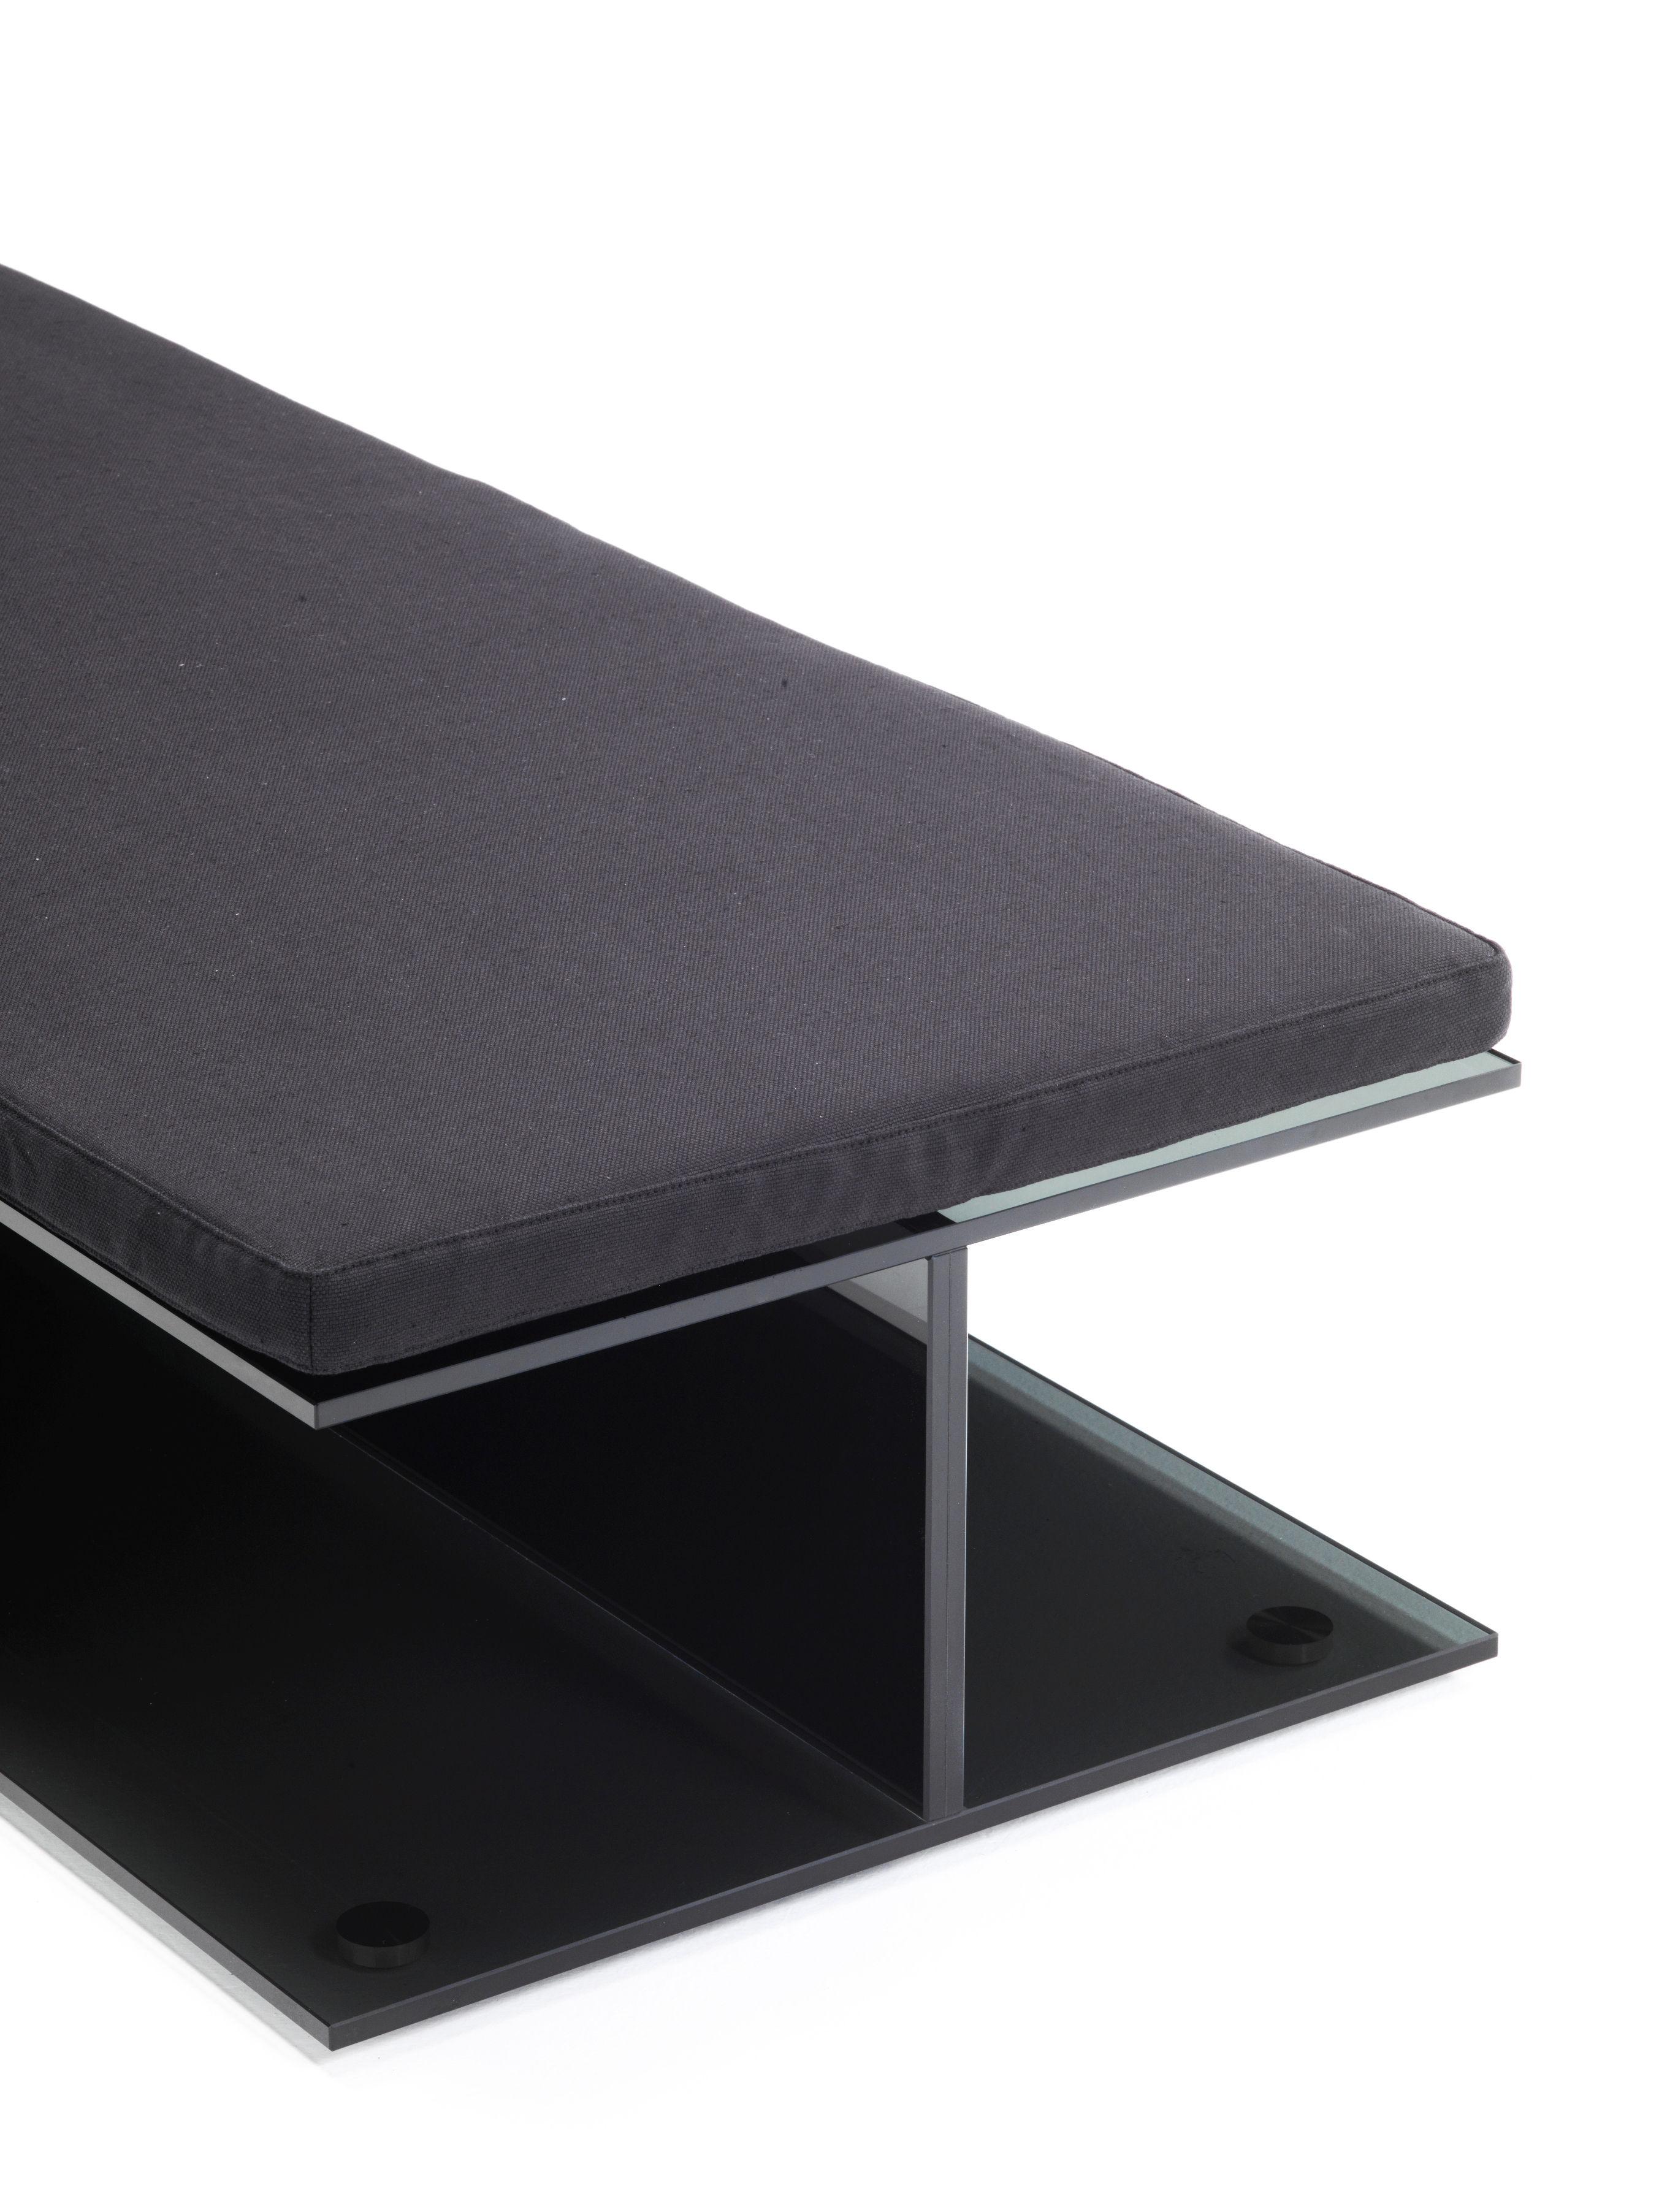 coussin d 39 assise pour banc et dormeuse i beam 60 x 60 cm noir glas italia. Black Bedroom Furniture Sets. Home Design Ideas